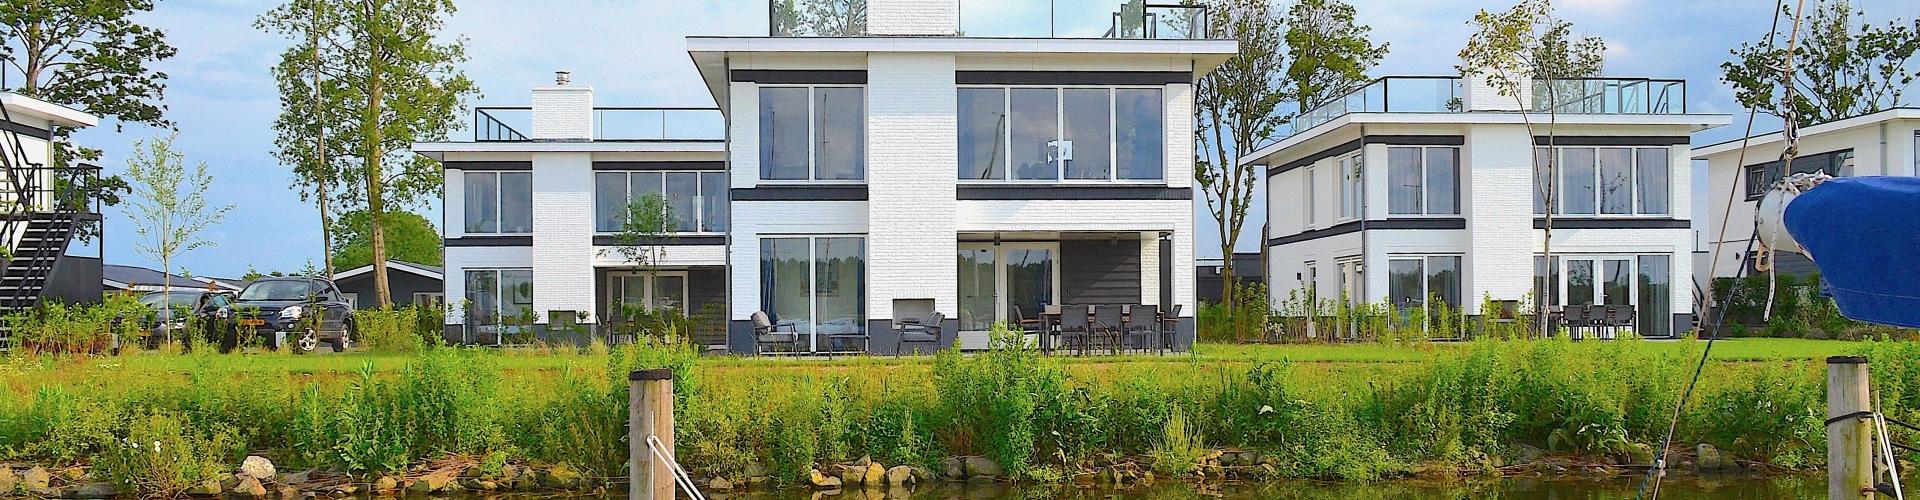 Villa Meerzicht Blvd 6 corr. 2